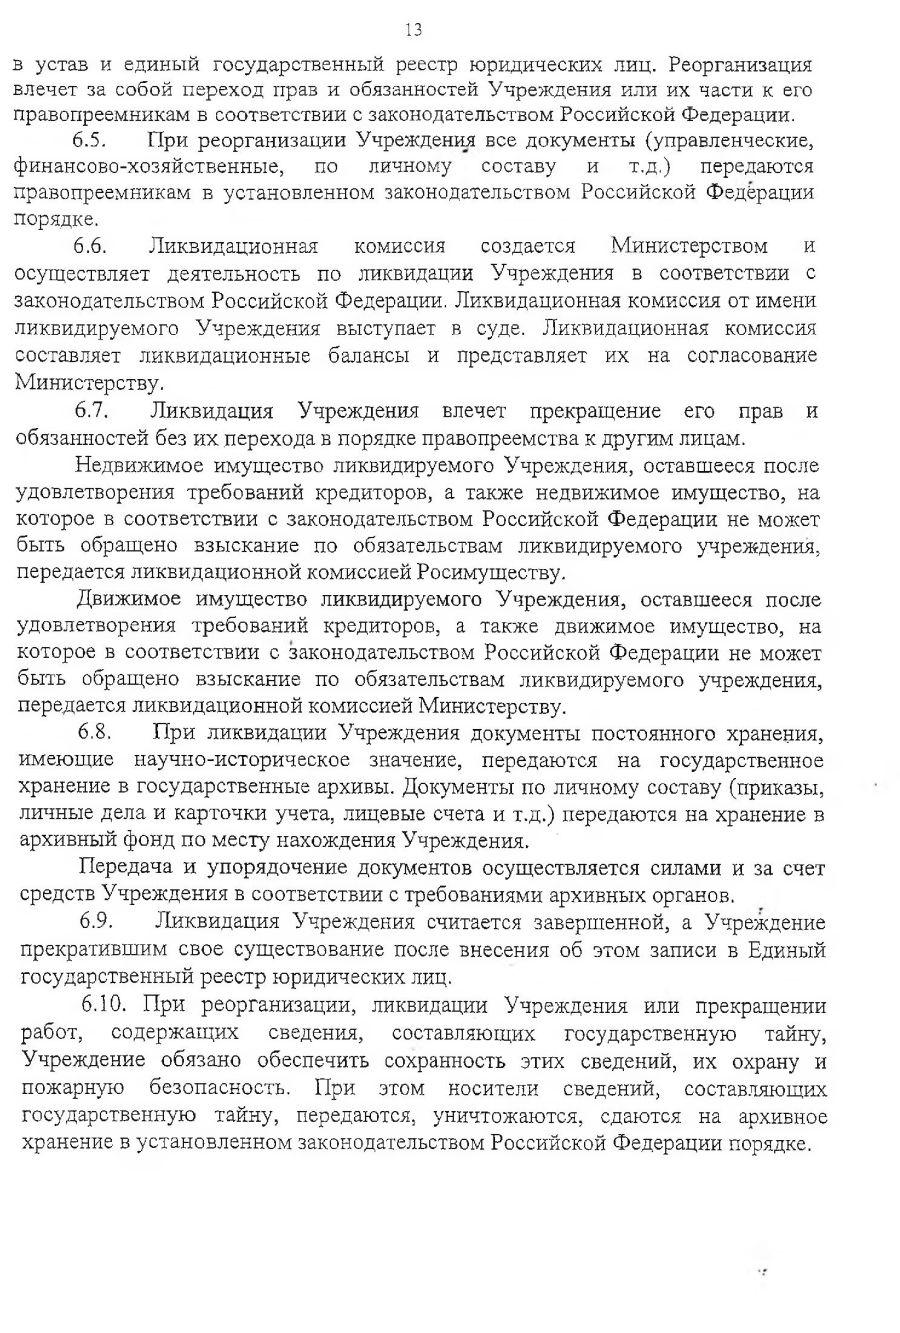 УставУчреждения_00014